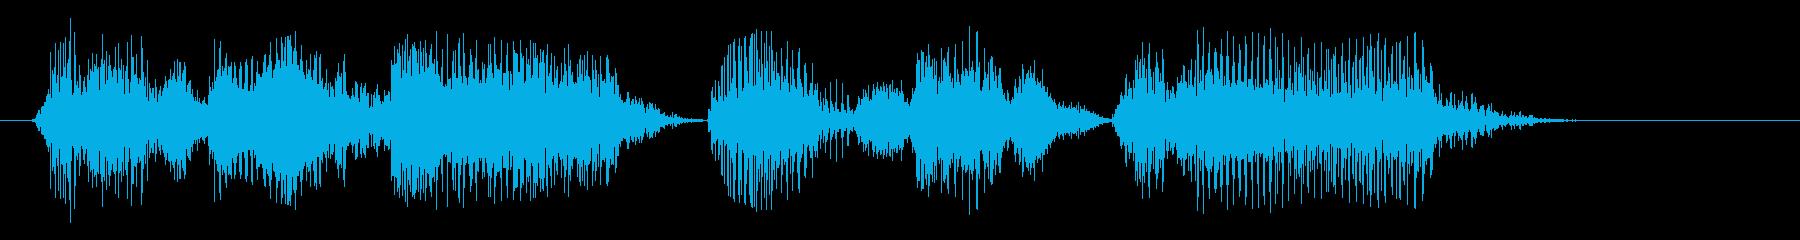 コンピューター、男性の声:パスワー...の再生済みの波形